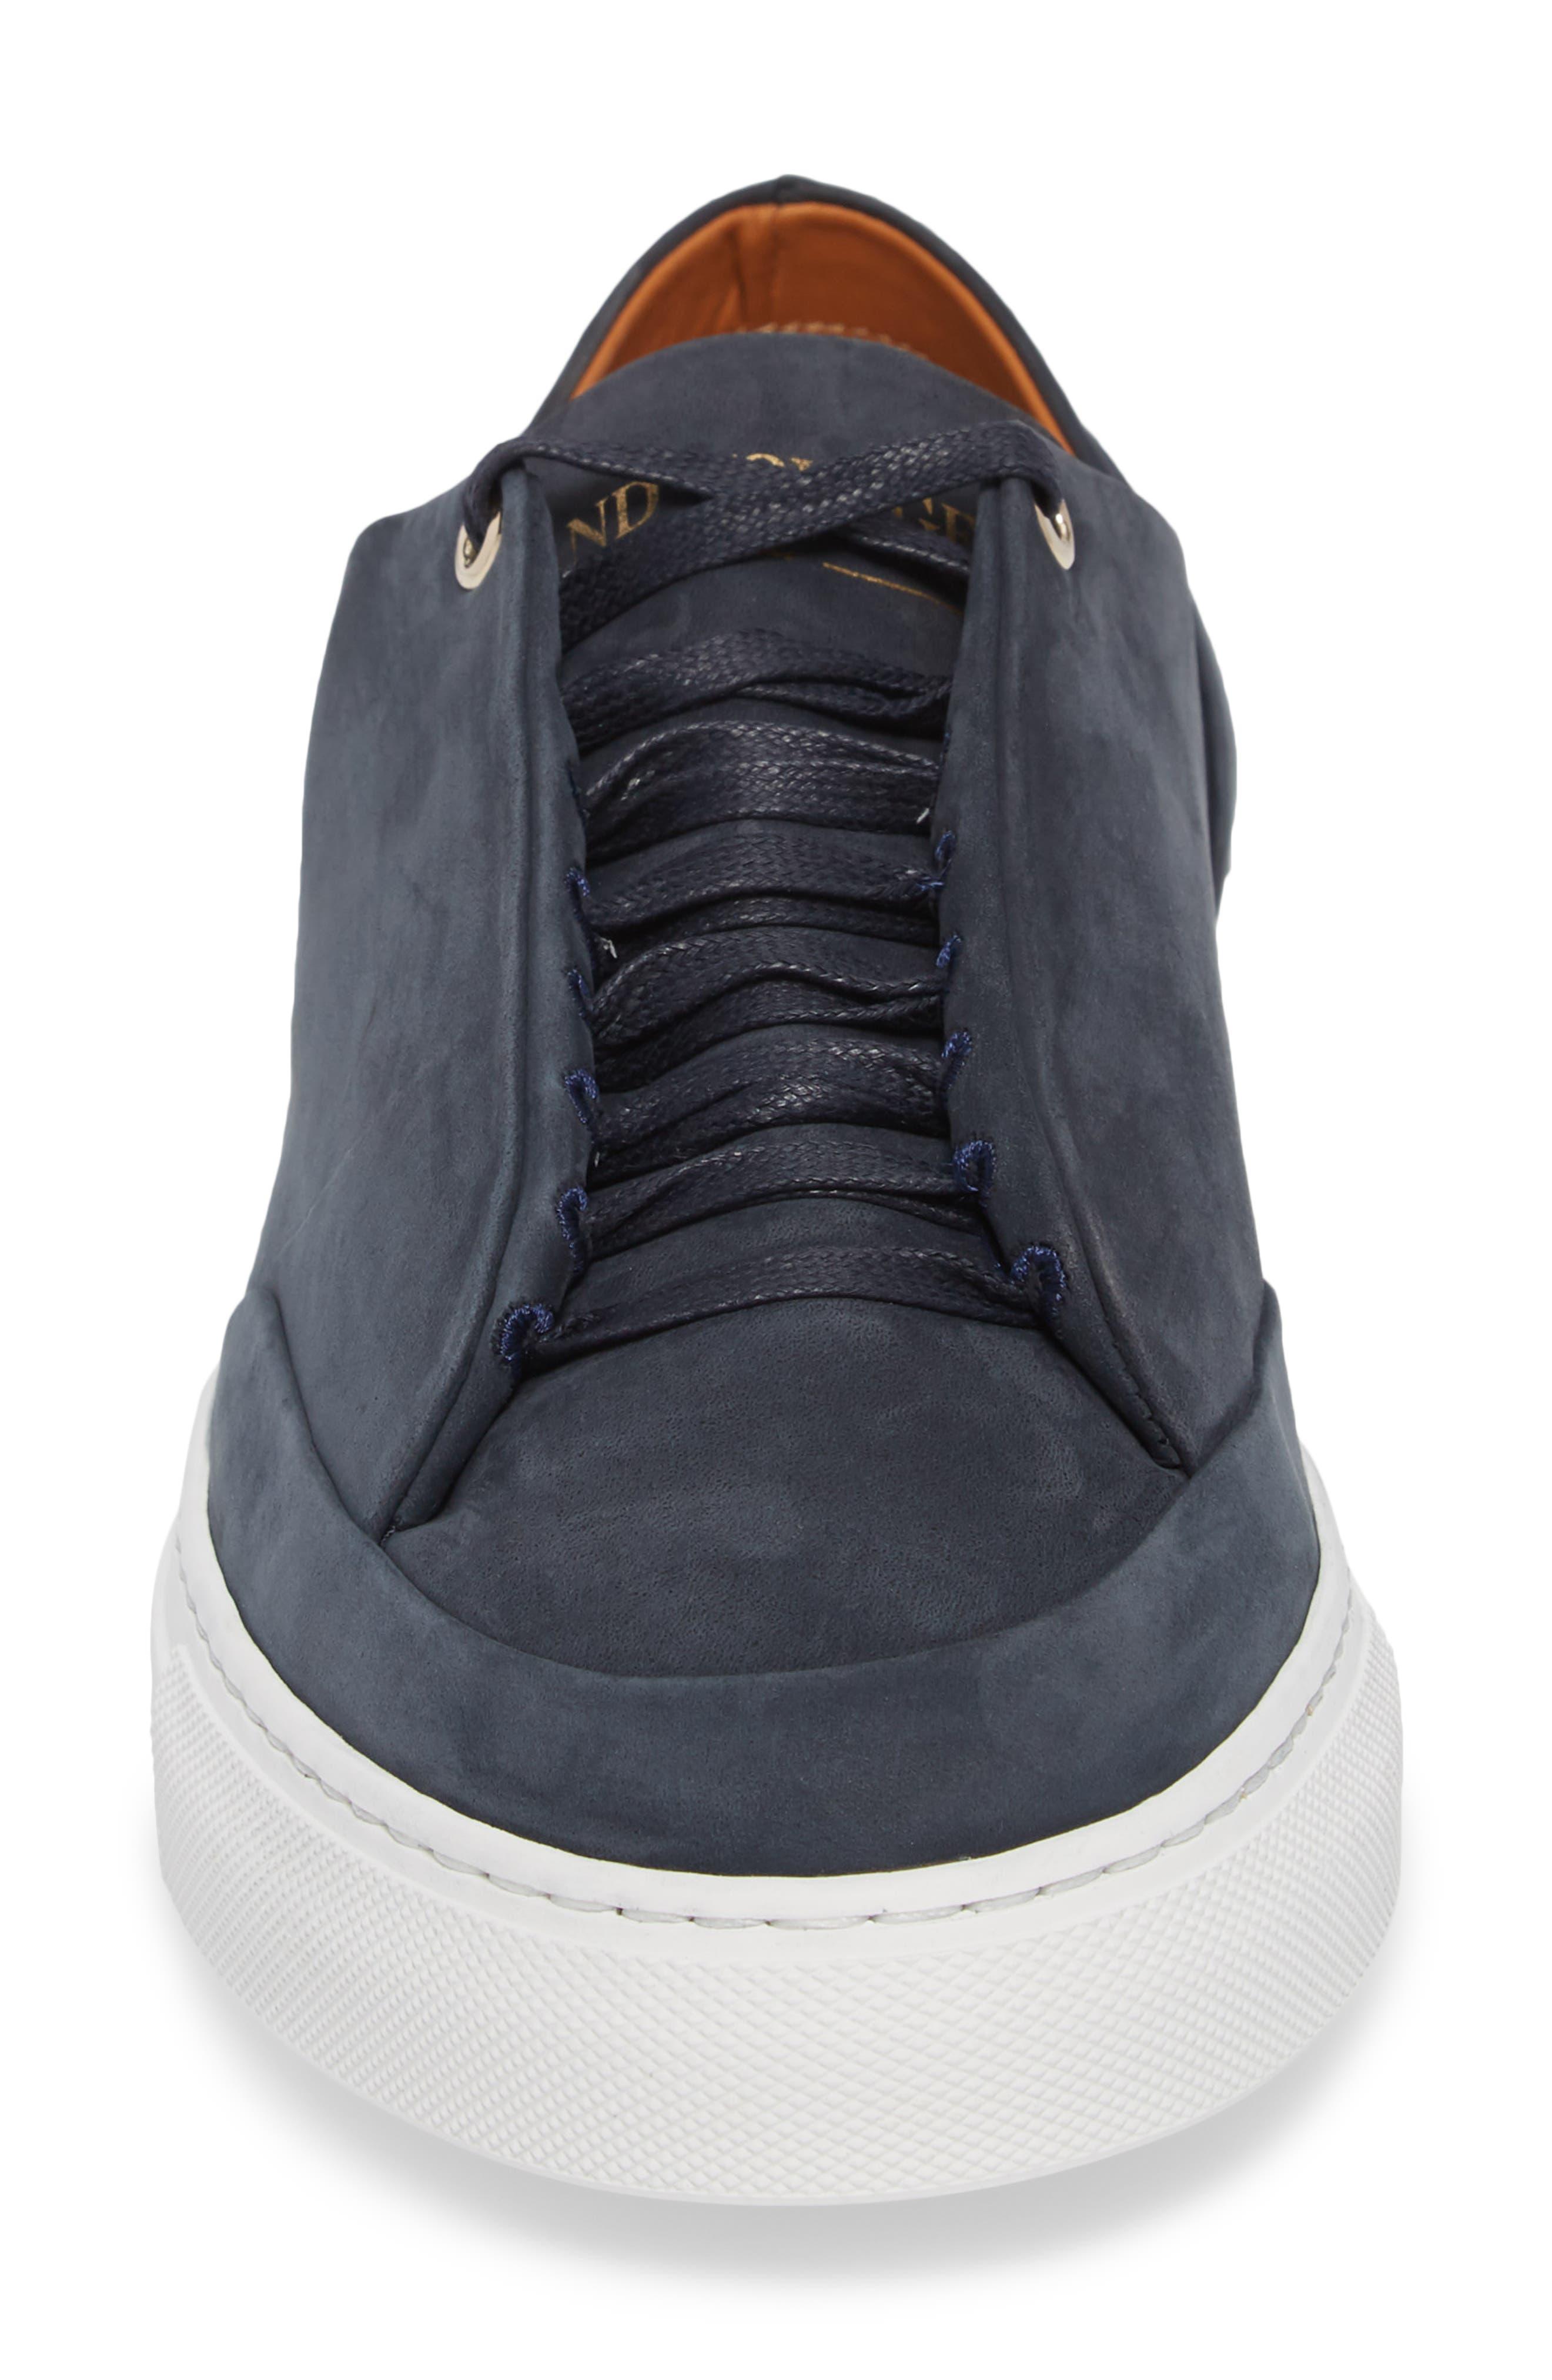 Avedon Sneaker,                             Alternate thumbnail 4, color,                             Navy Nubuck Leather